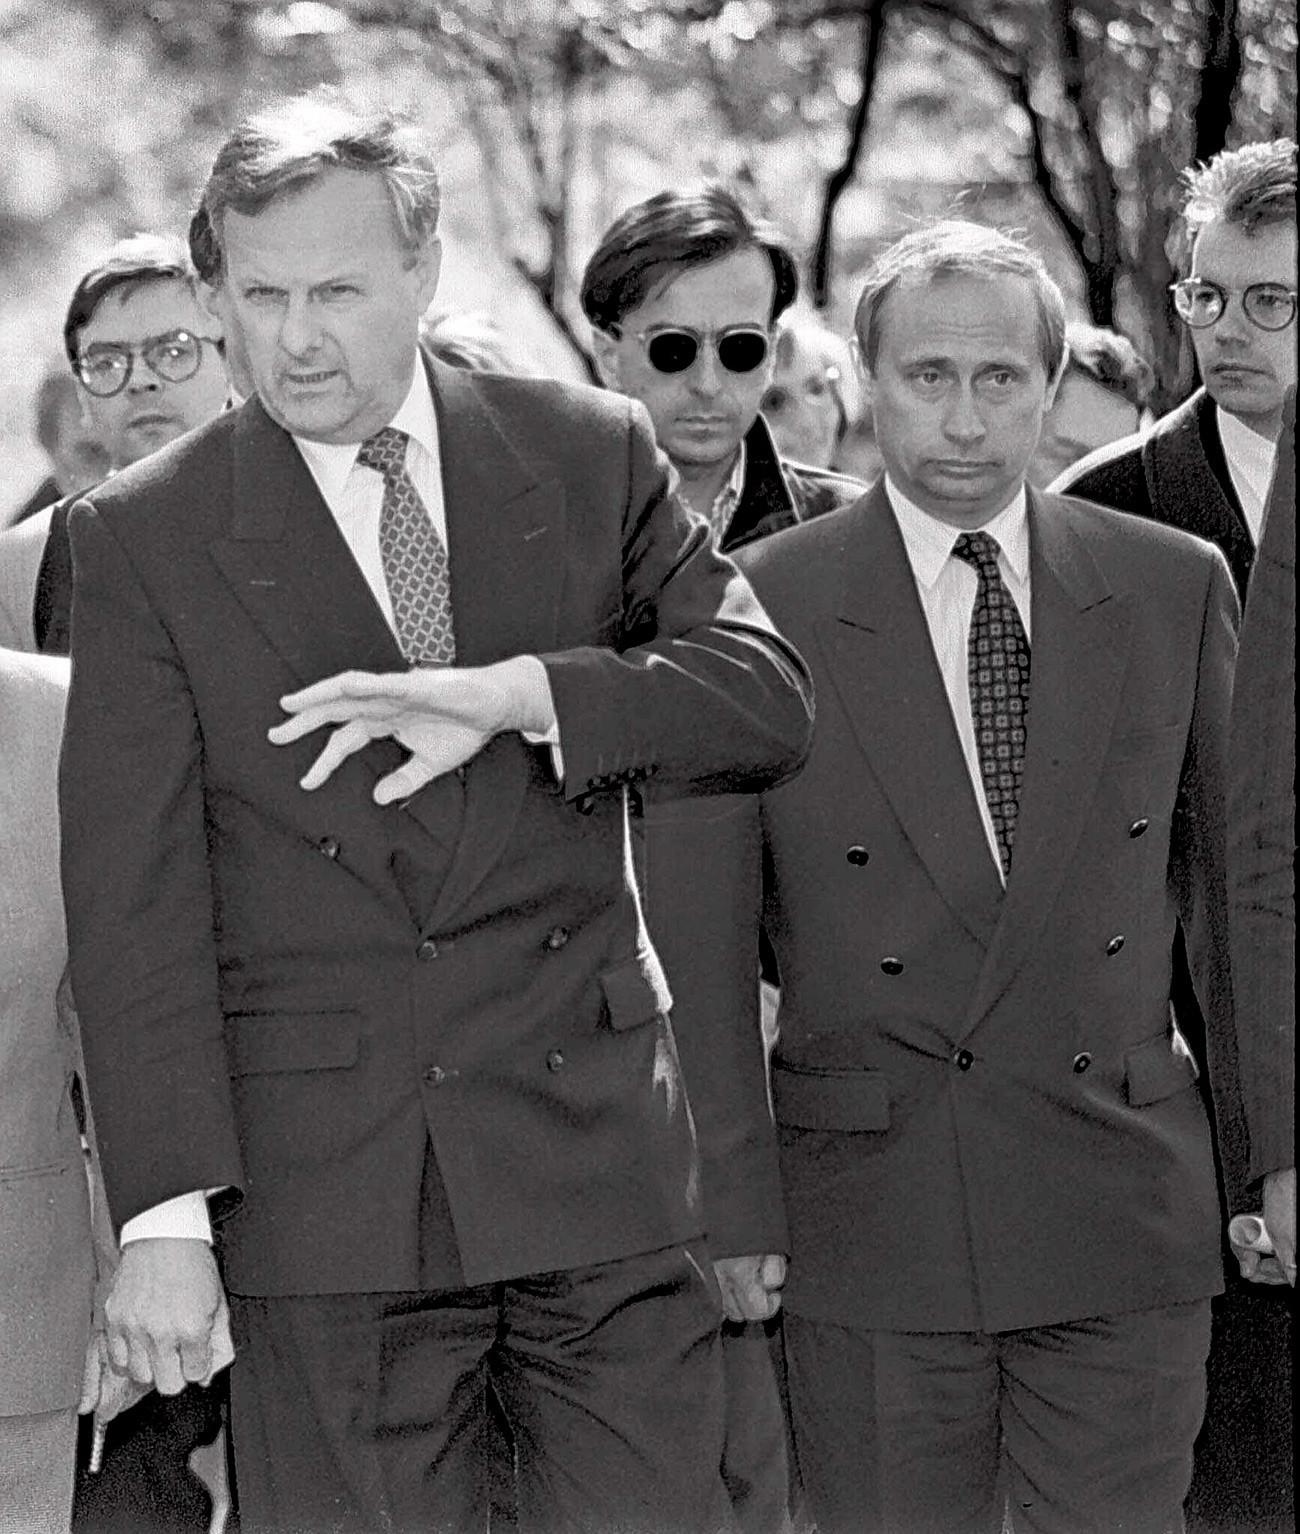 Анатолиј Собчак, градоначалник на Санкт Петербург (лево), со Владимир Путин, заменик-градоначалник, во Санкт Петербург на фотографија од 1994 година.